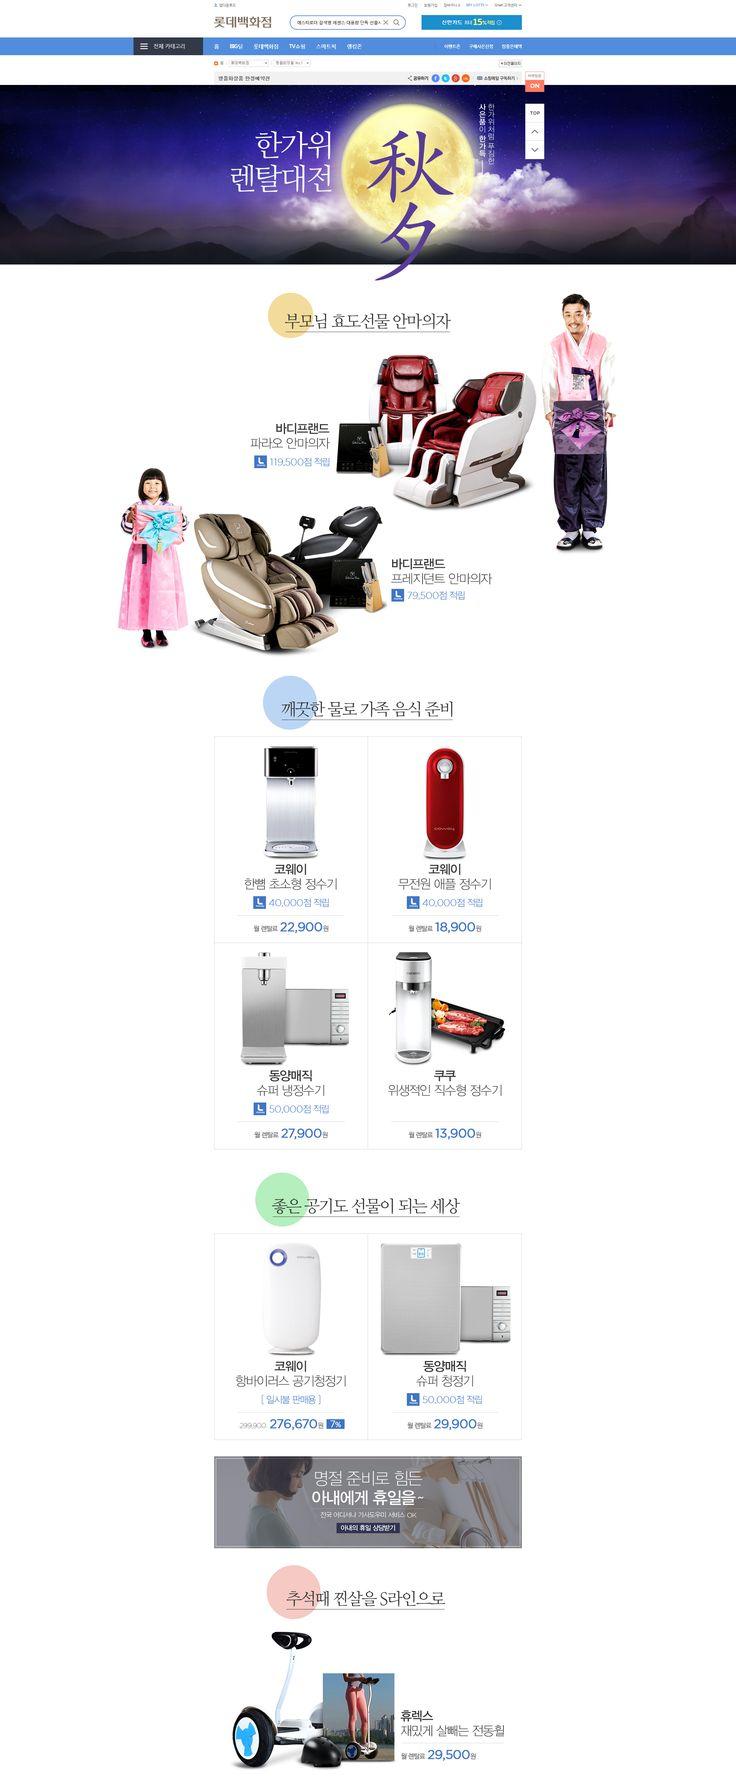 [롯데닷컴] 한가위 렌탈대전 Designed  by 신현정